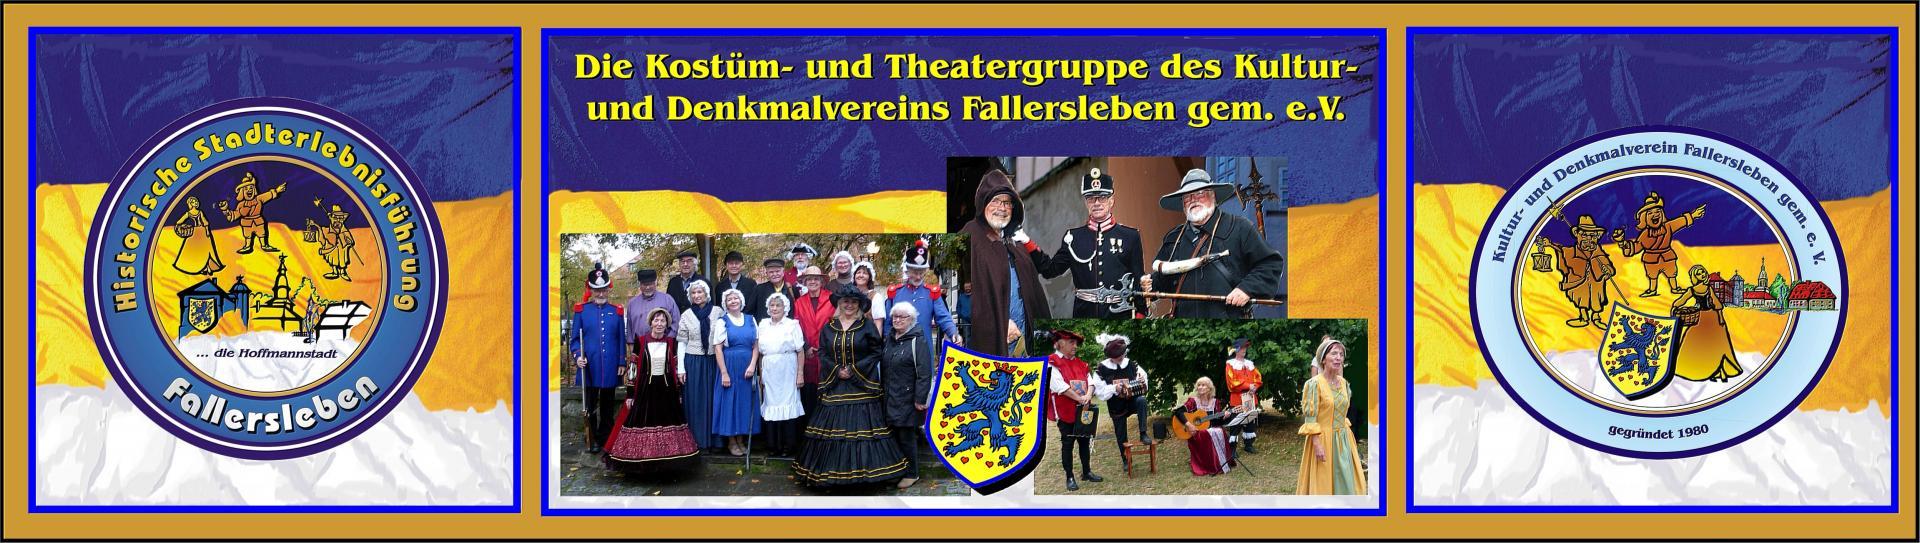 Kostüm- und Theatergruppe